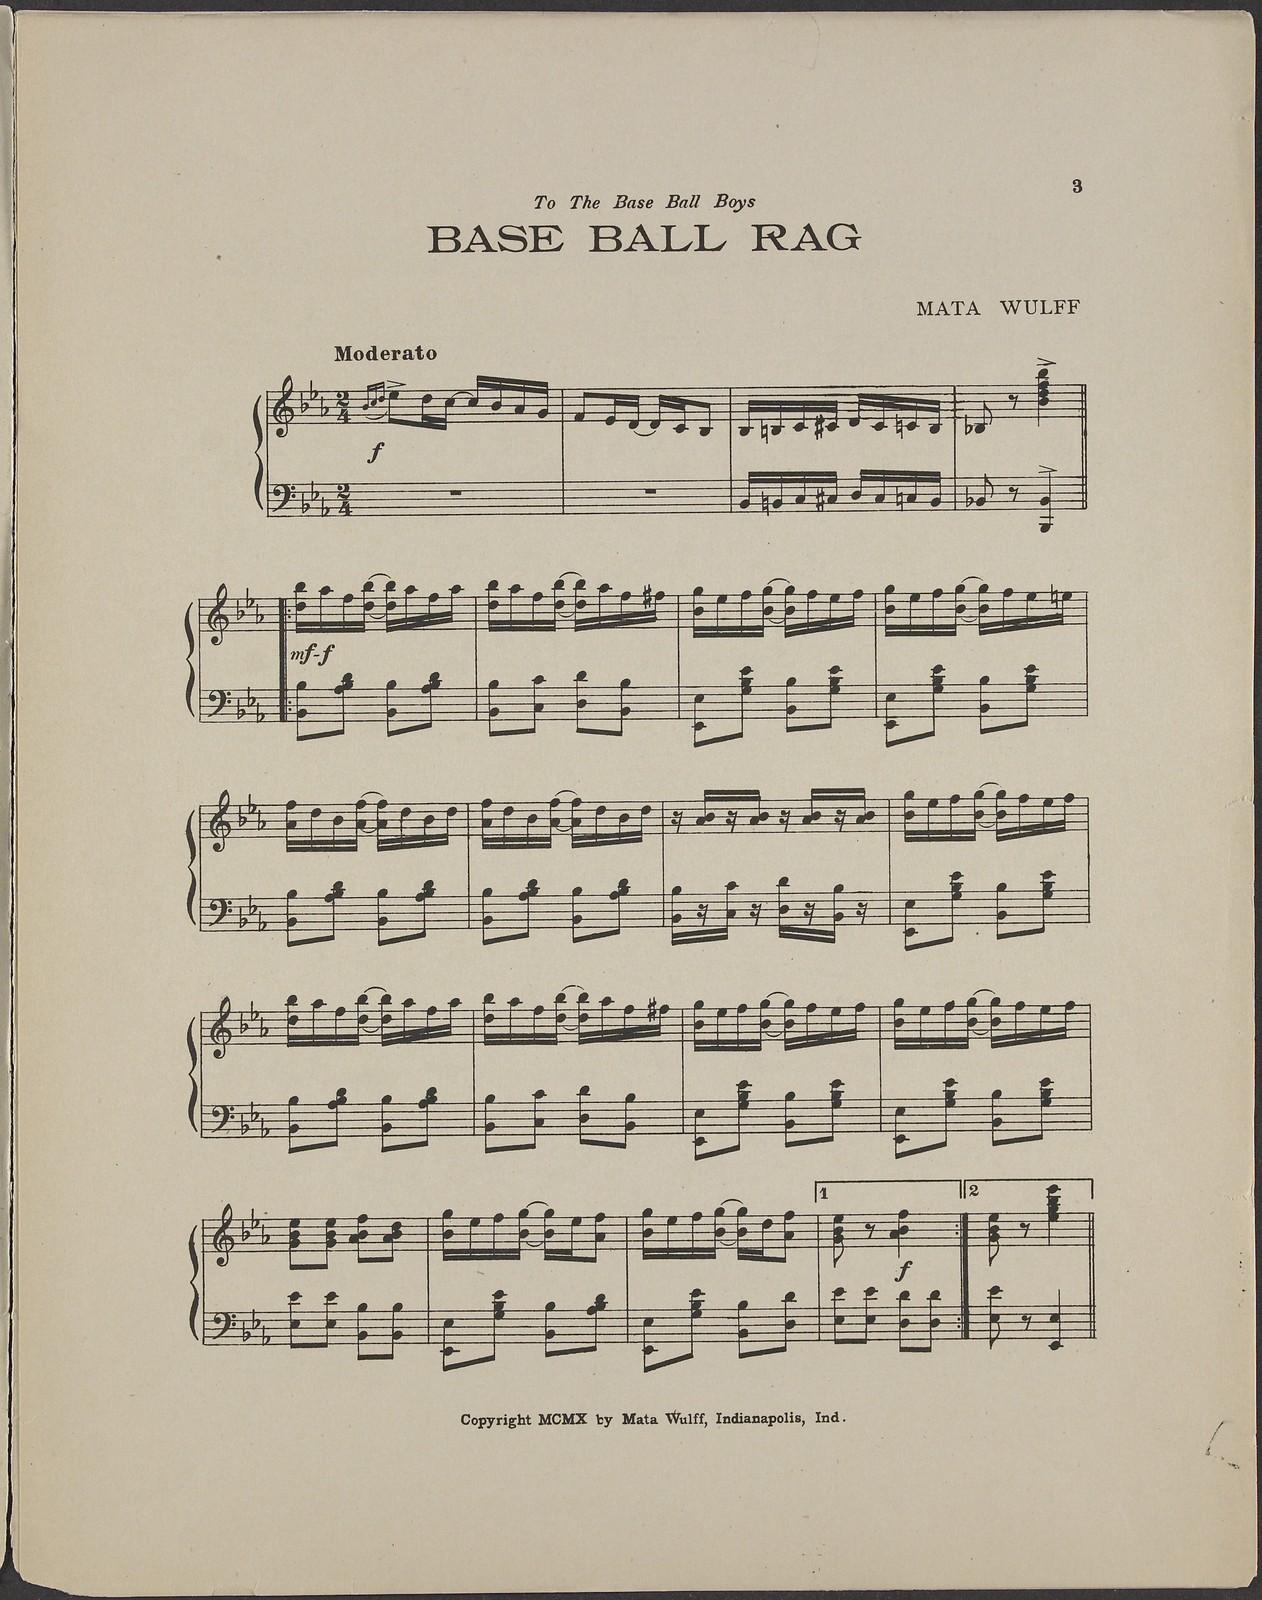 Base ball rag